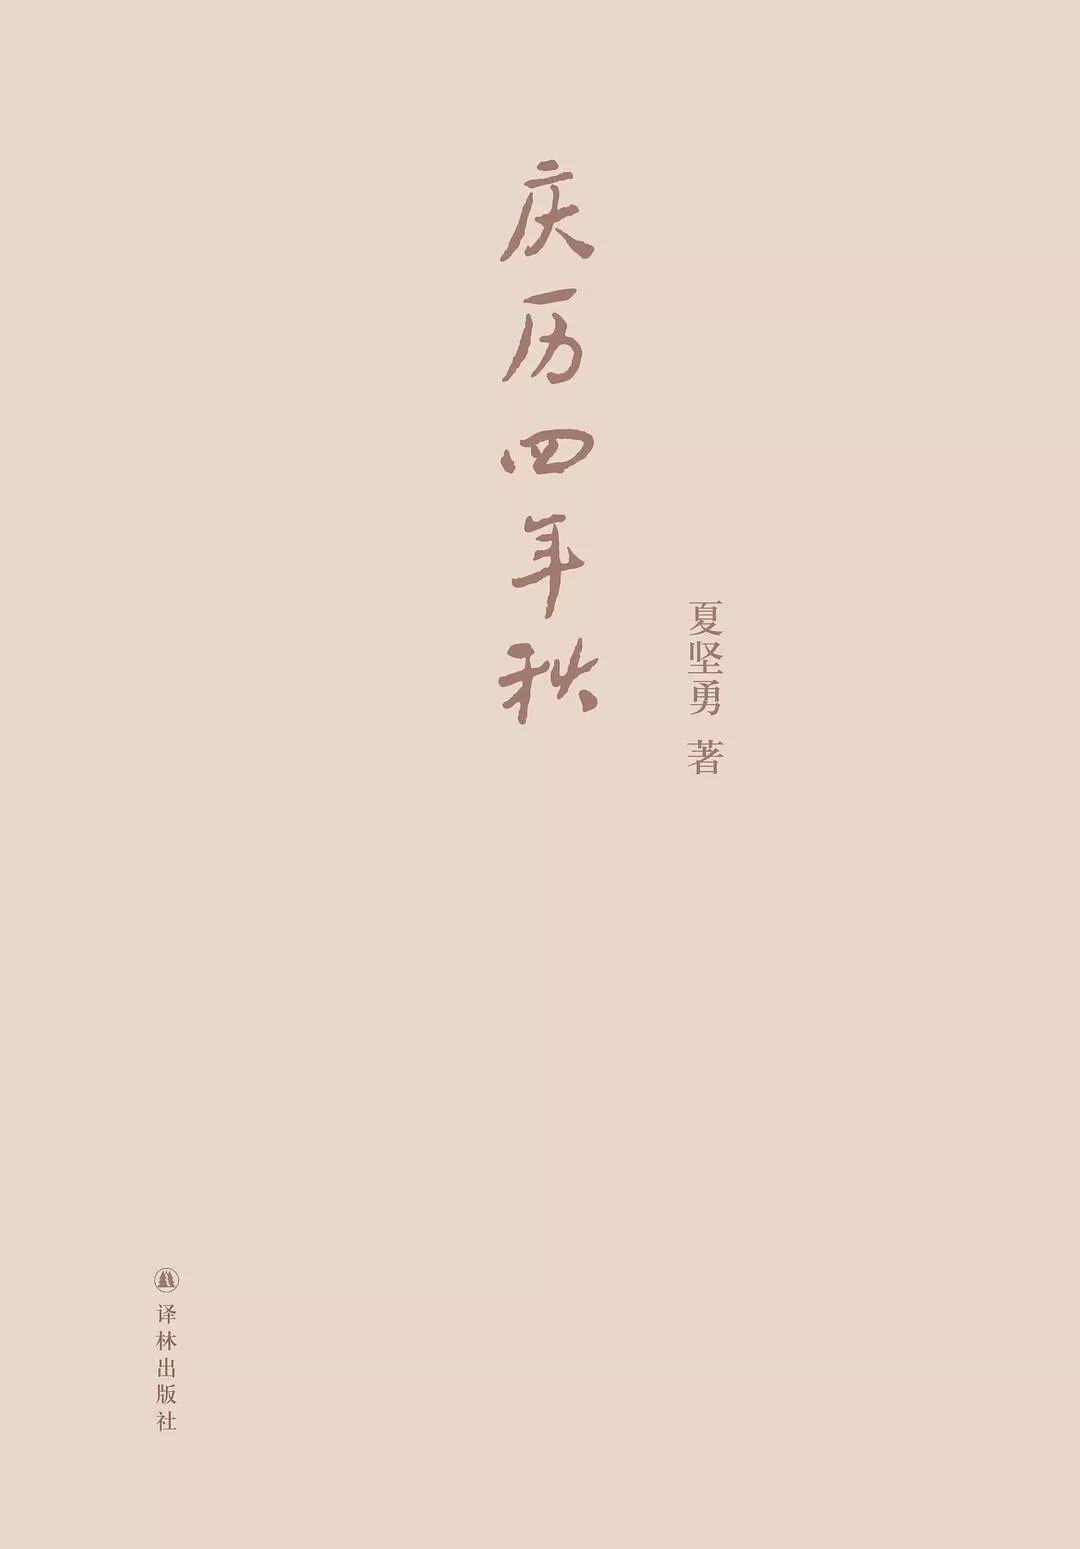 [转载]庆历四年秋 范仲淹与文人政治的风光